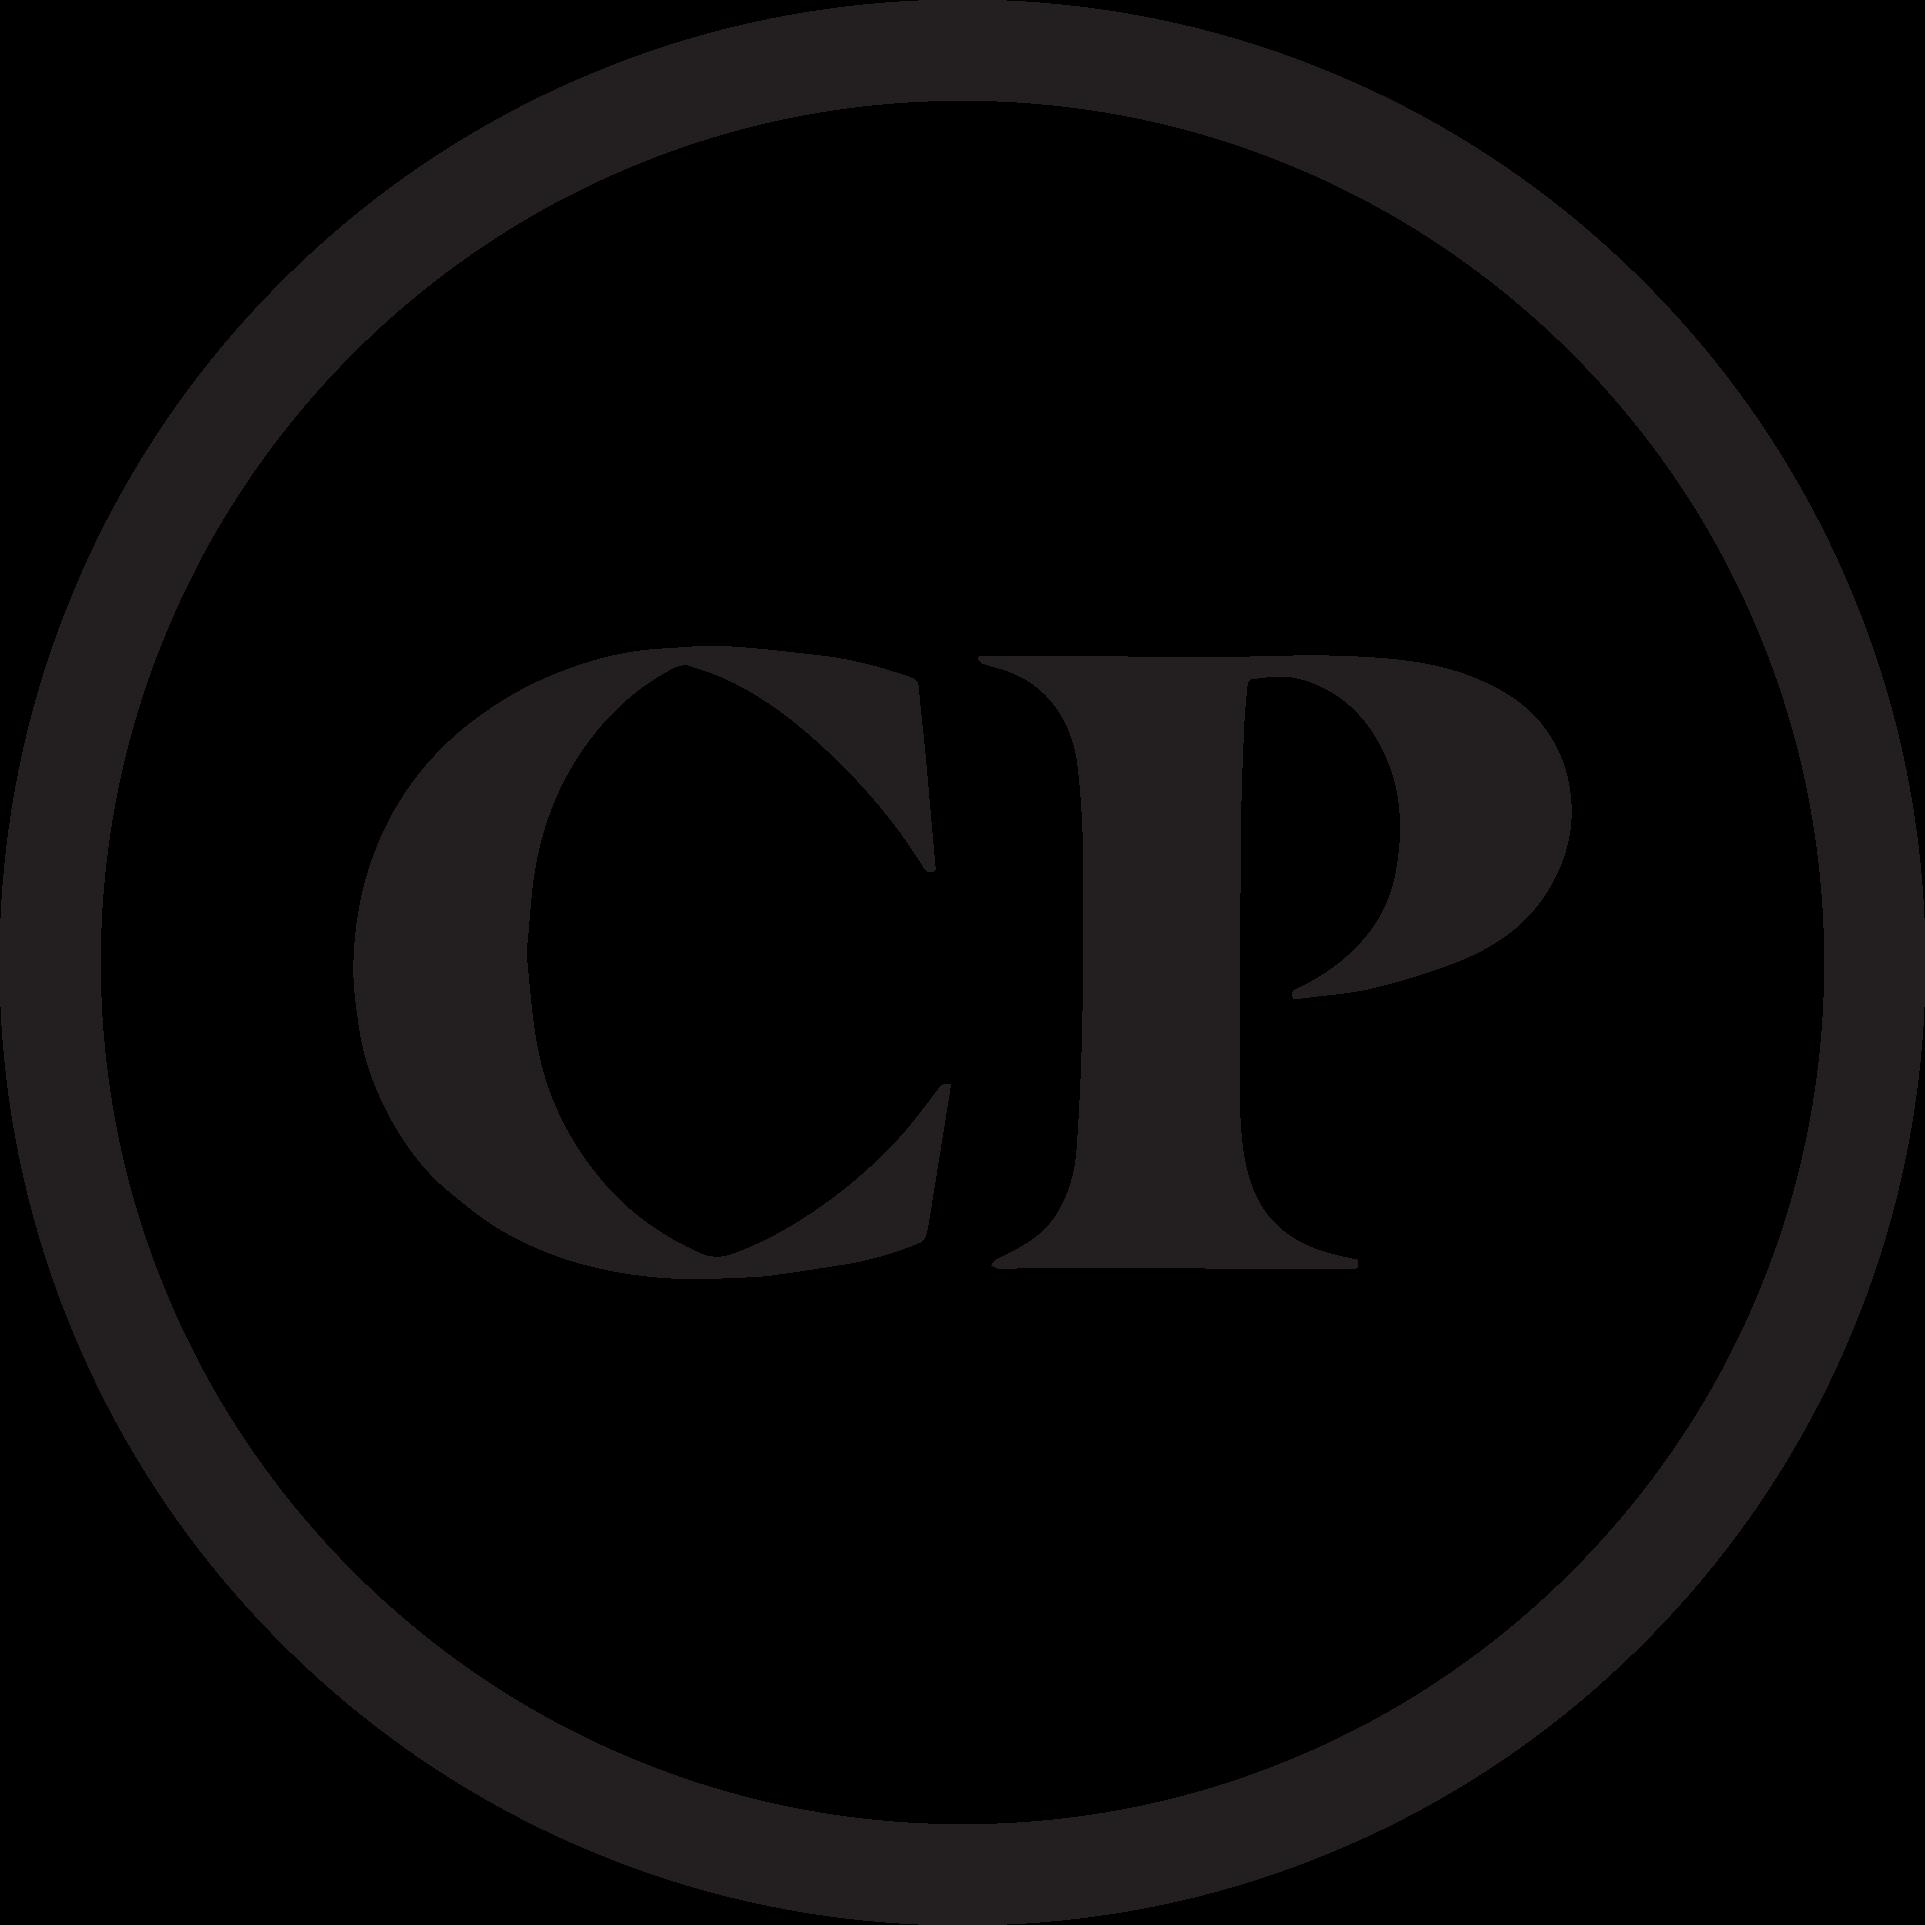 CP_LOGO_CIRCLE